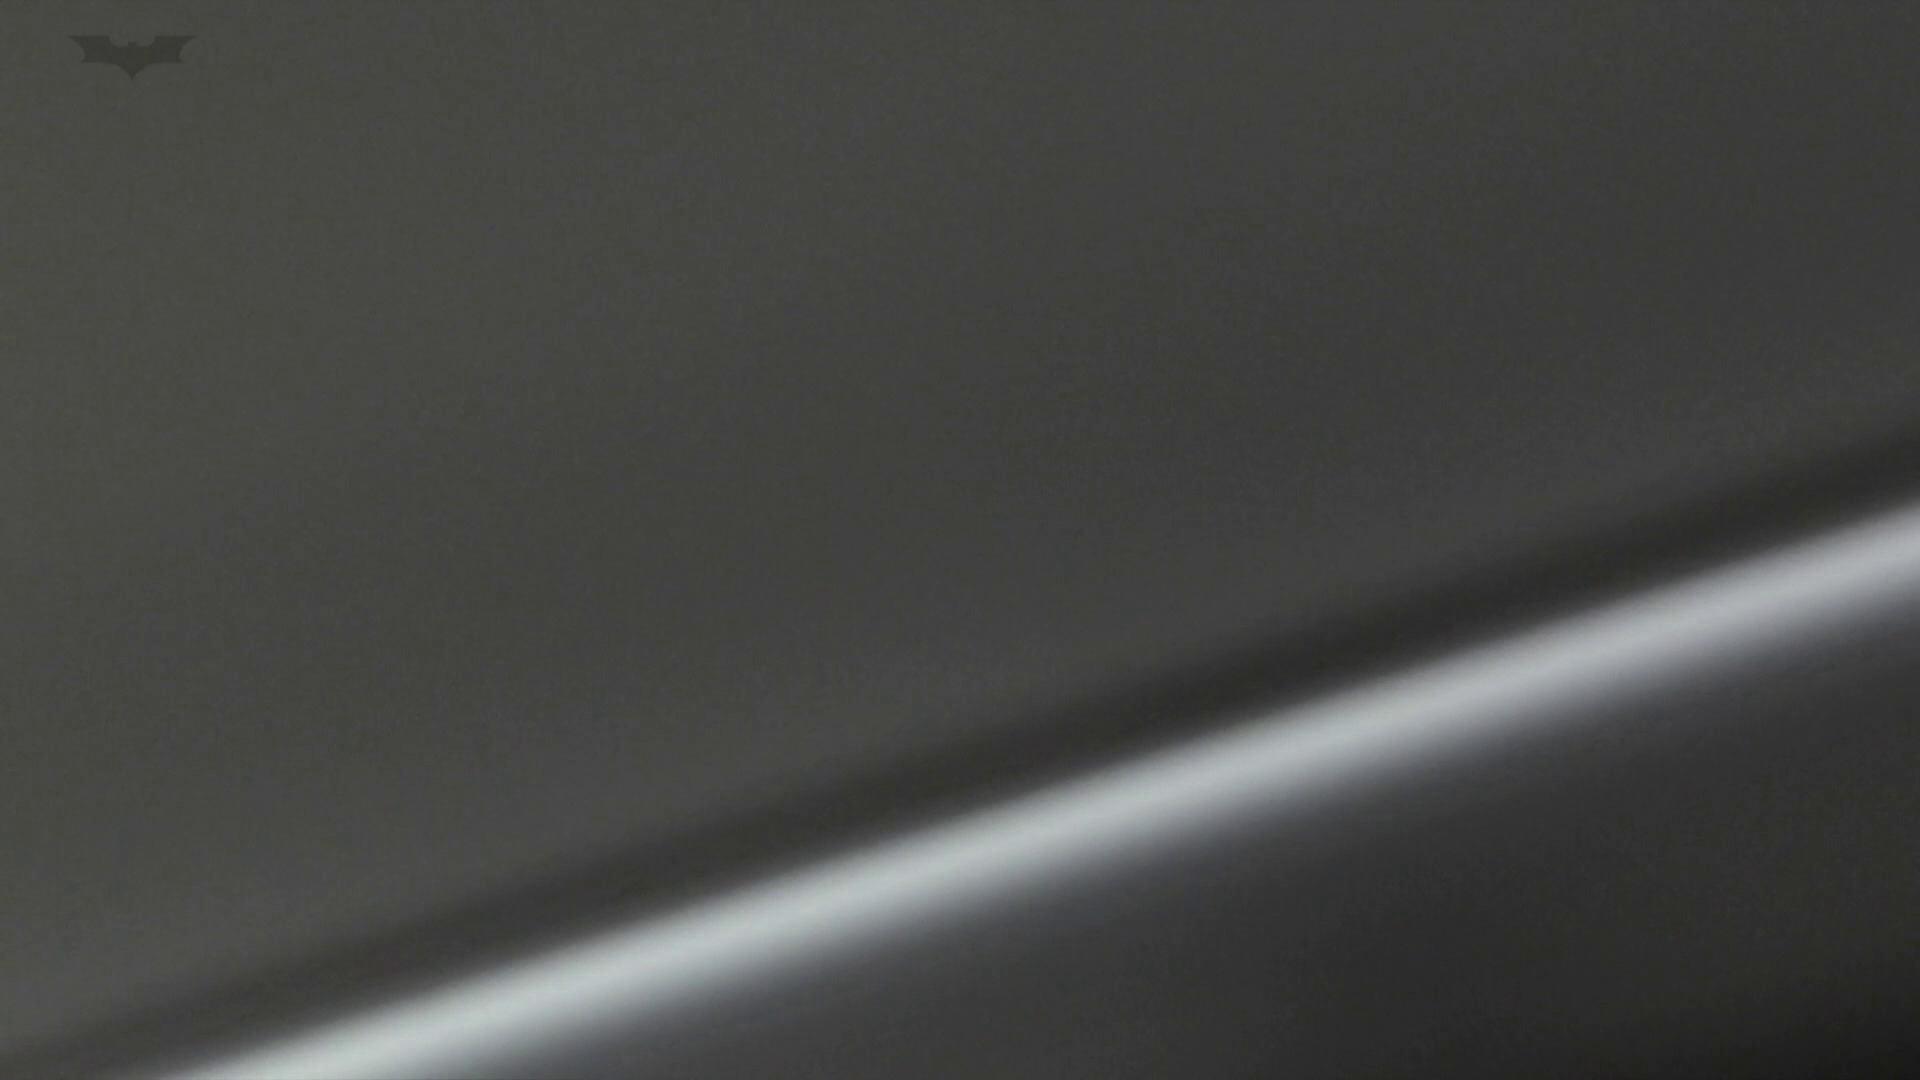 美しい日本の未来 No.11 進歩!【2015・03位】 高画質 すけべAV動画紹介 50画像 41